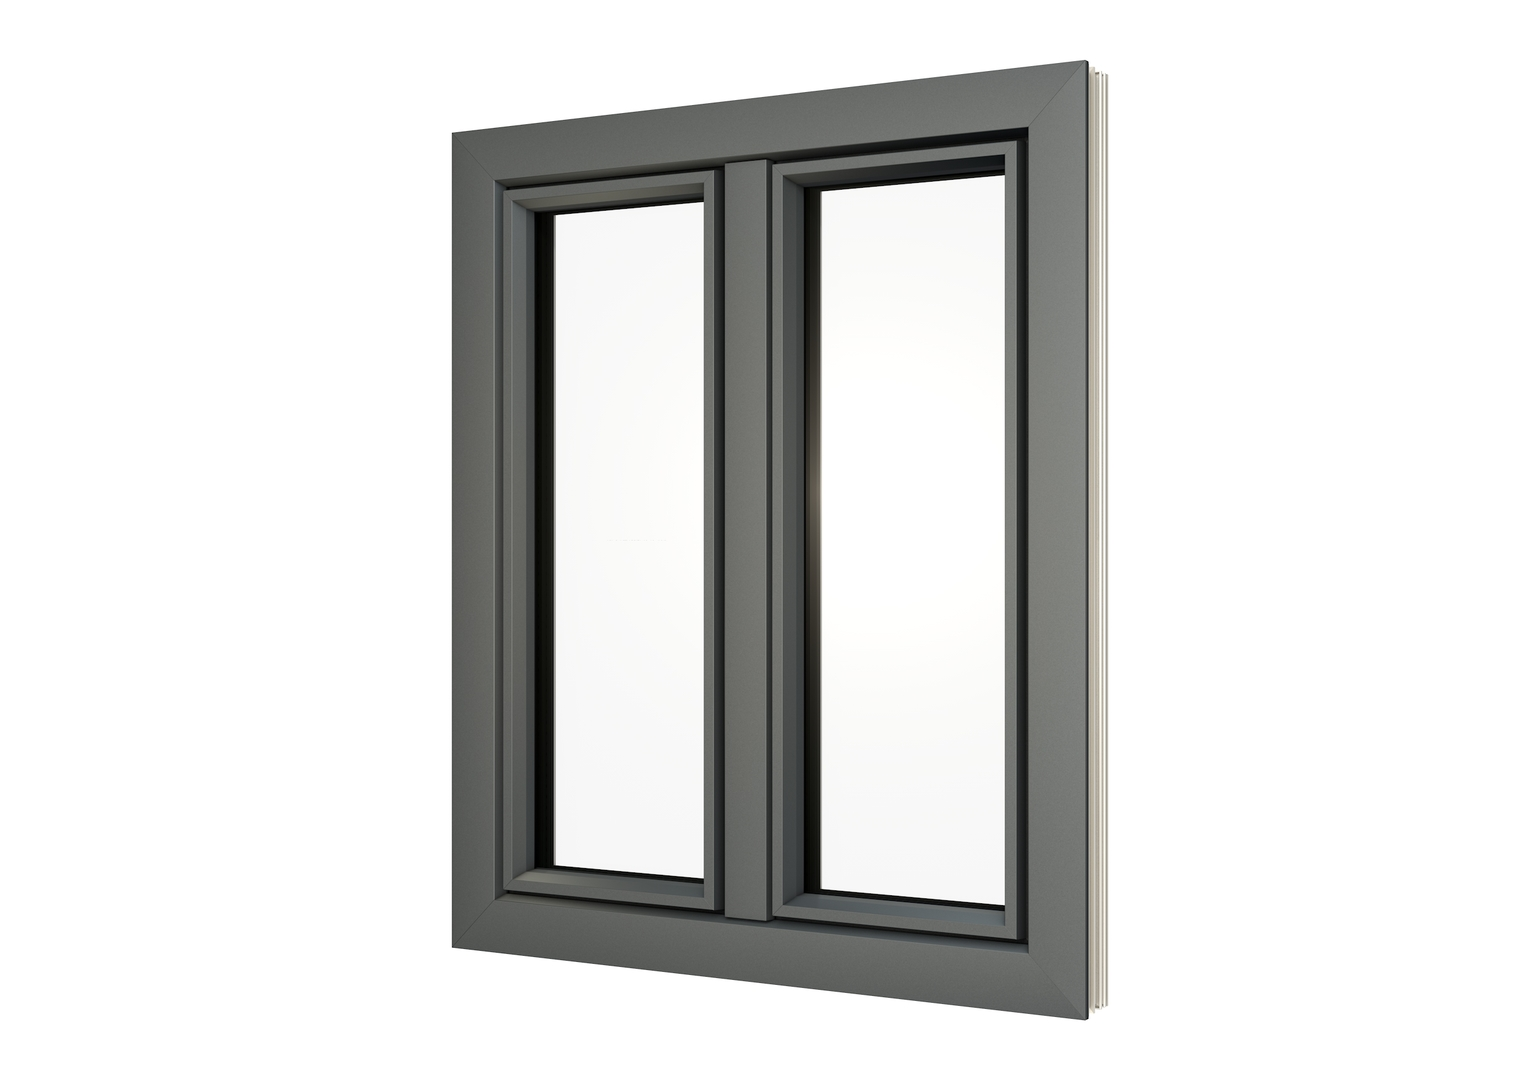 Kontur-Design-85-Alu-Flächenbündig-Stulp-2